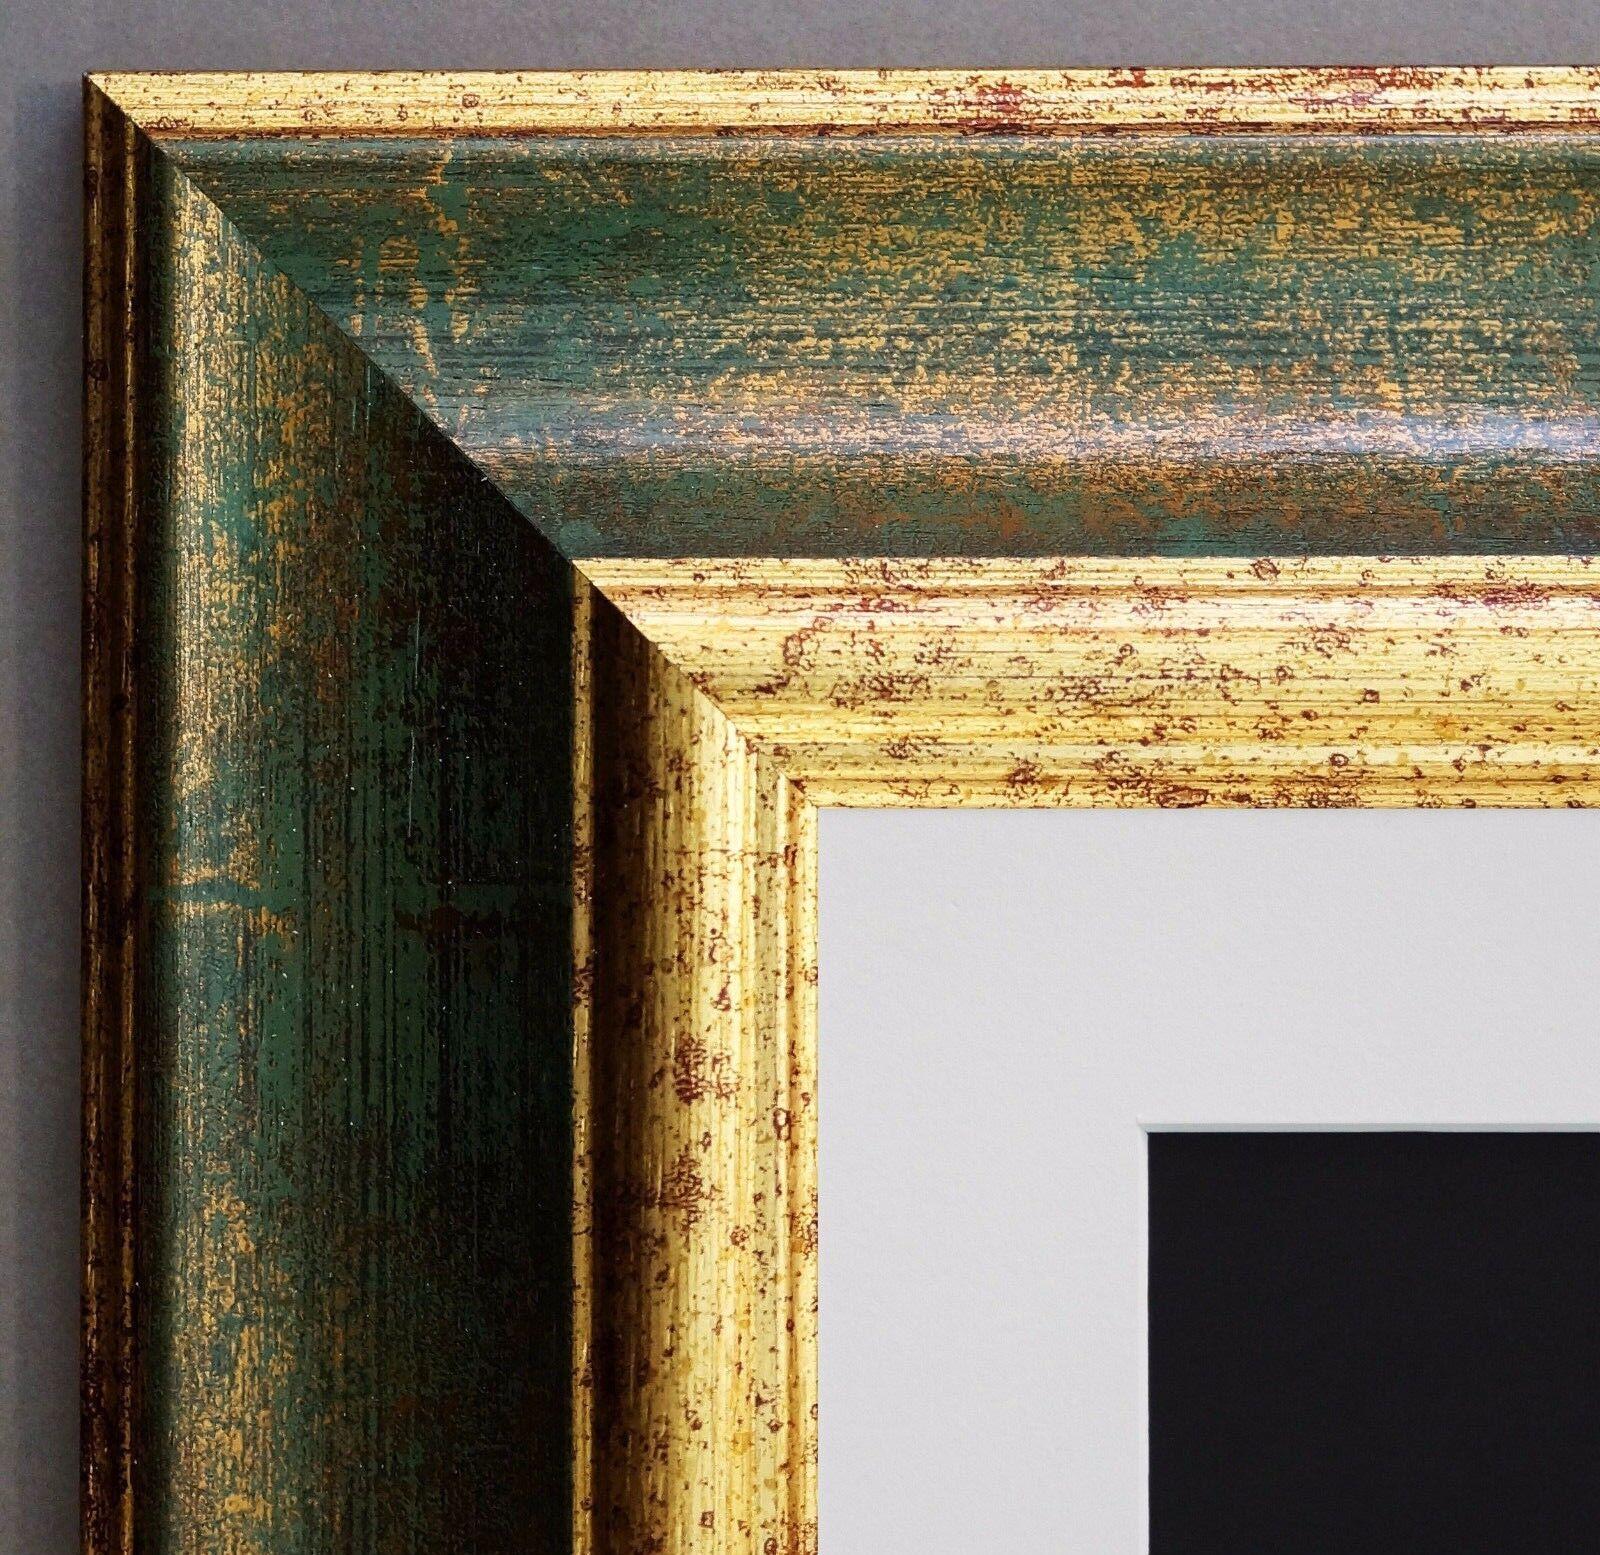 Bilderrahmen Acta Grün Gold Antik mit Passepartout in Weiss 6,7 - alle Größen